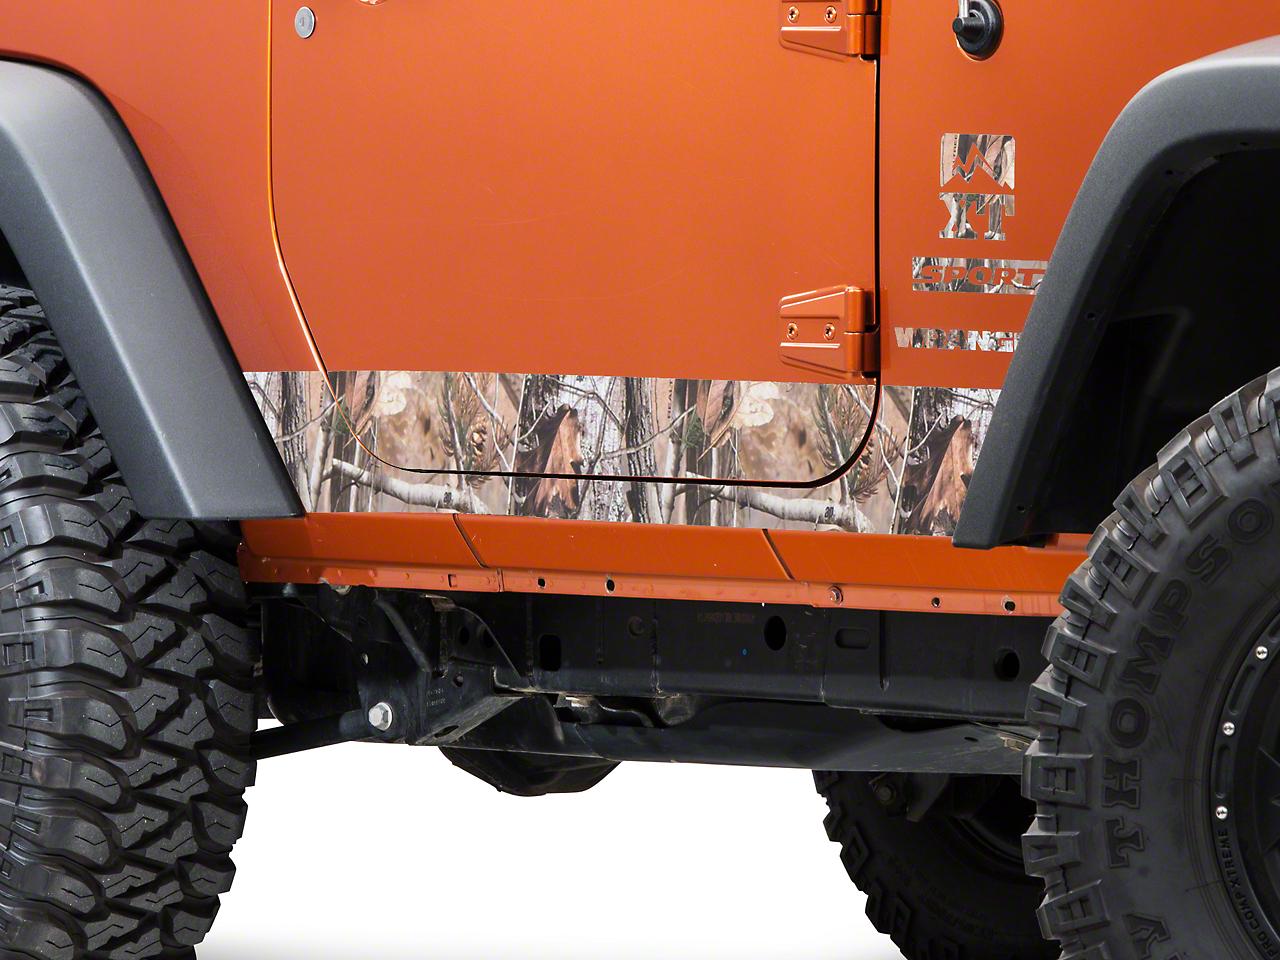 XT Graphics Rocker Panel Decal - Realtree Camo (07-18 Jeep Wrangler JK 2 Door)